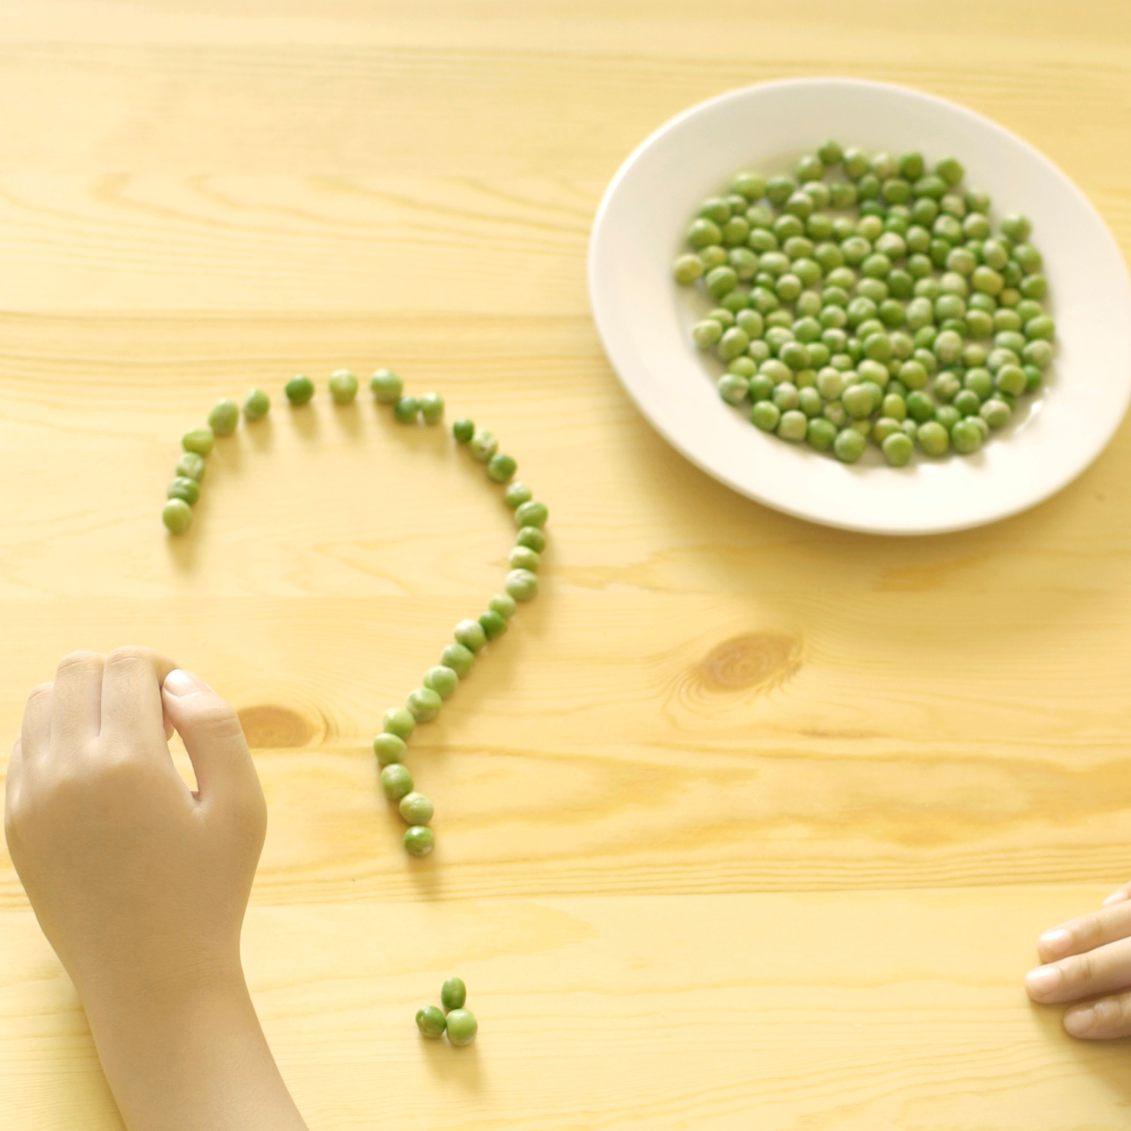 Il 70% delle famiglie preoccupate della qualità degli alimenti